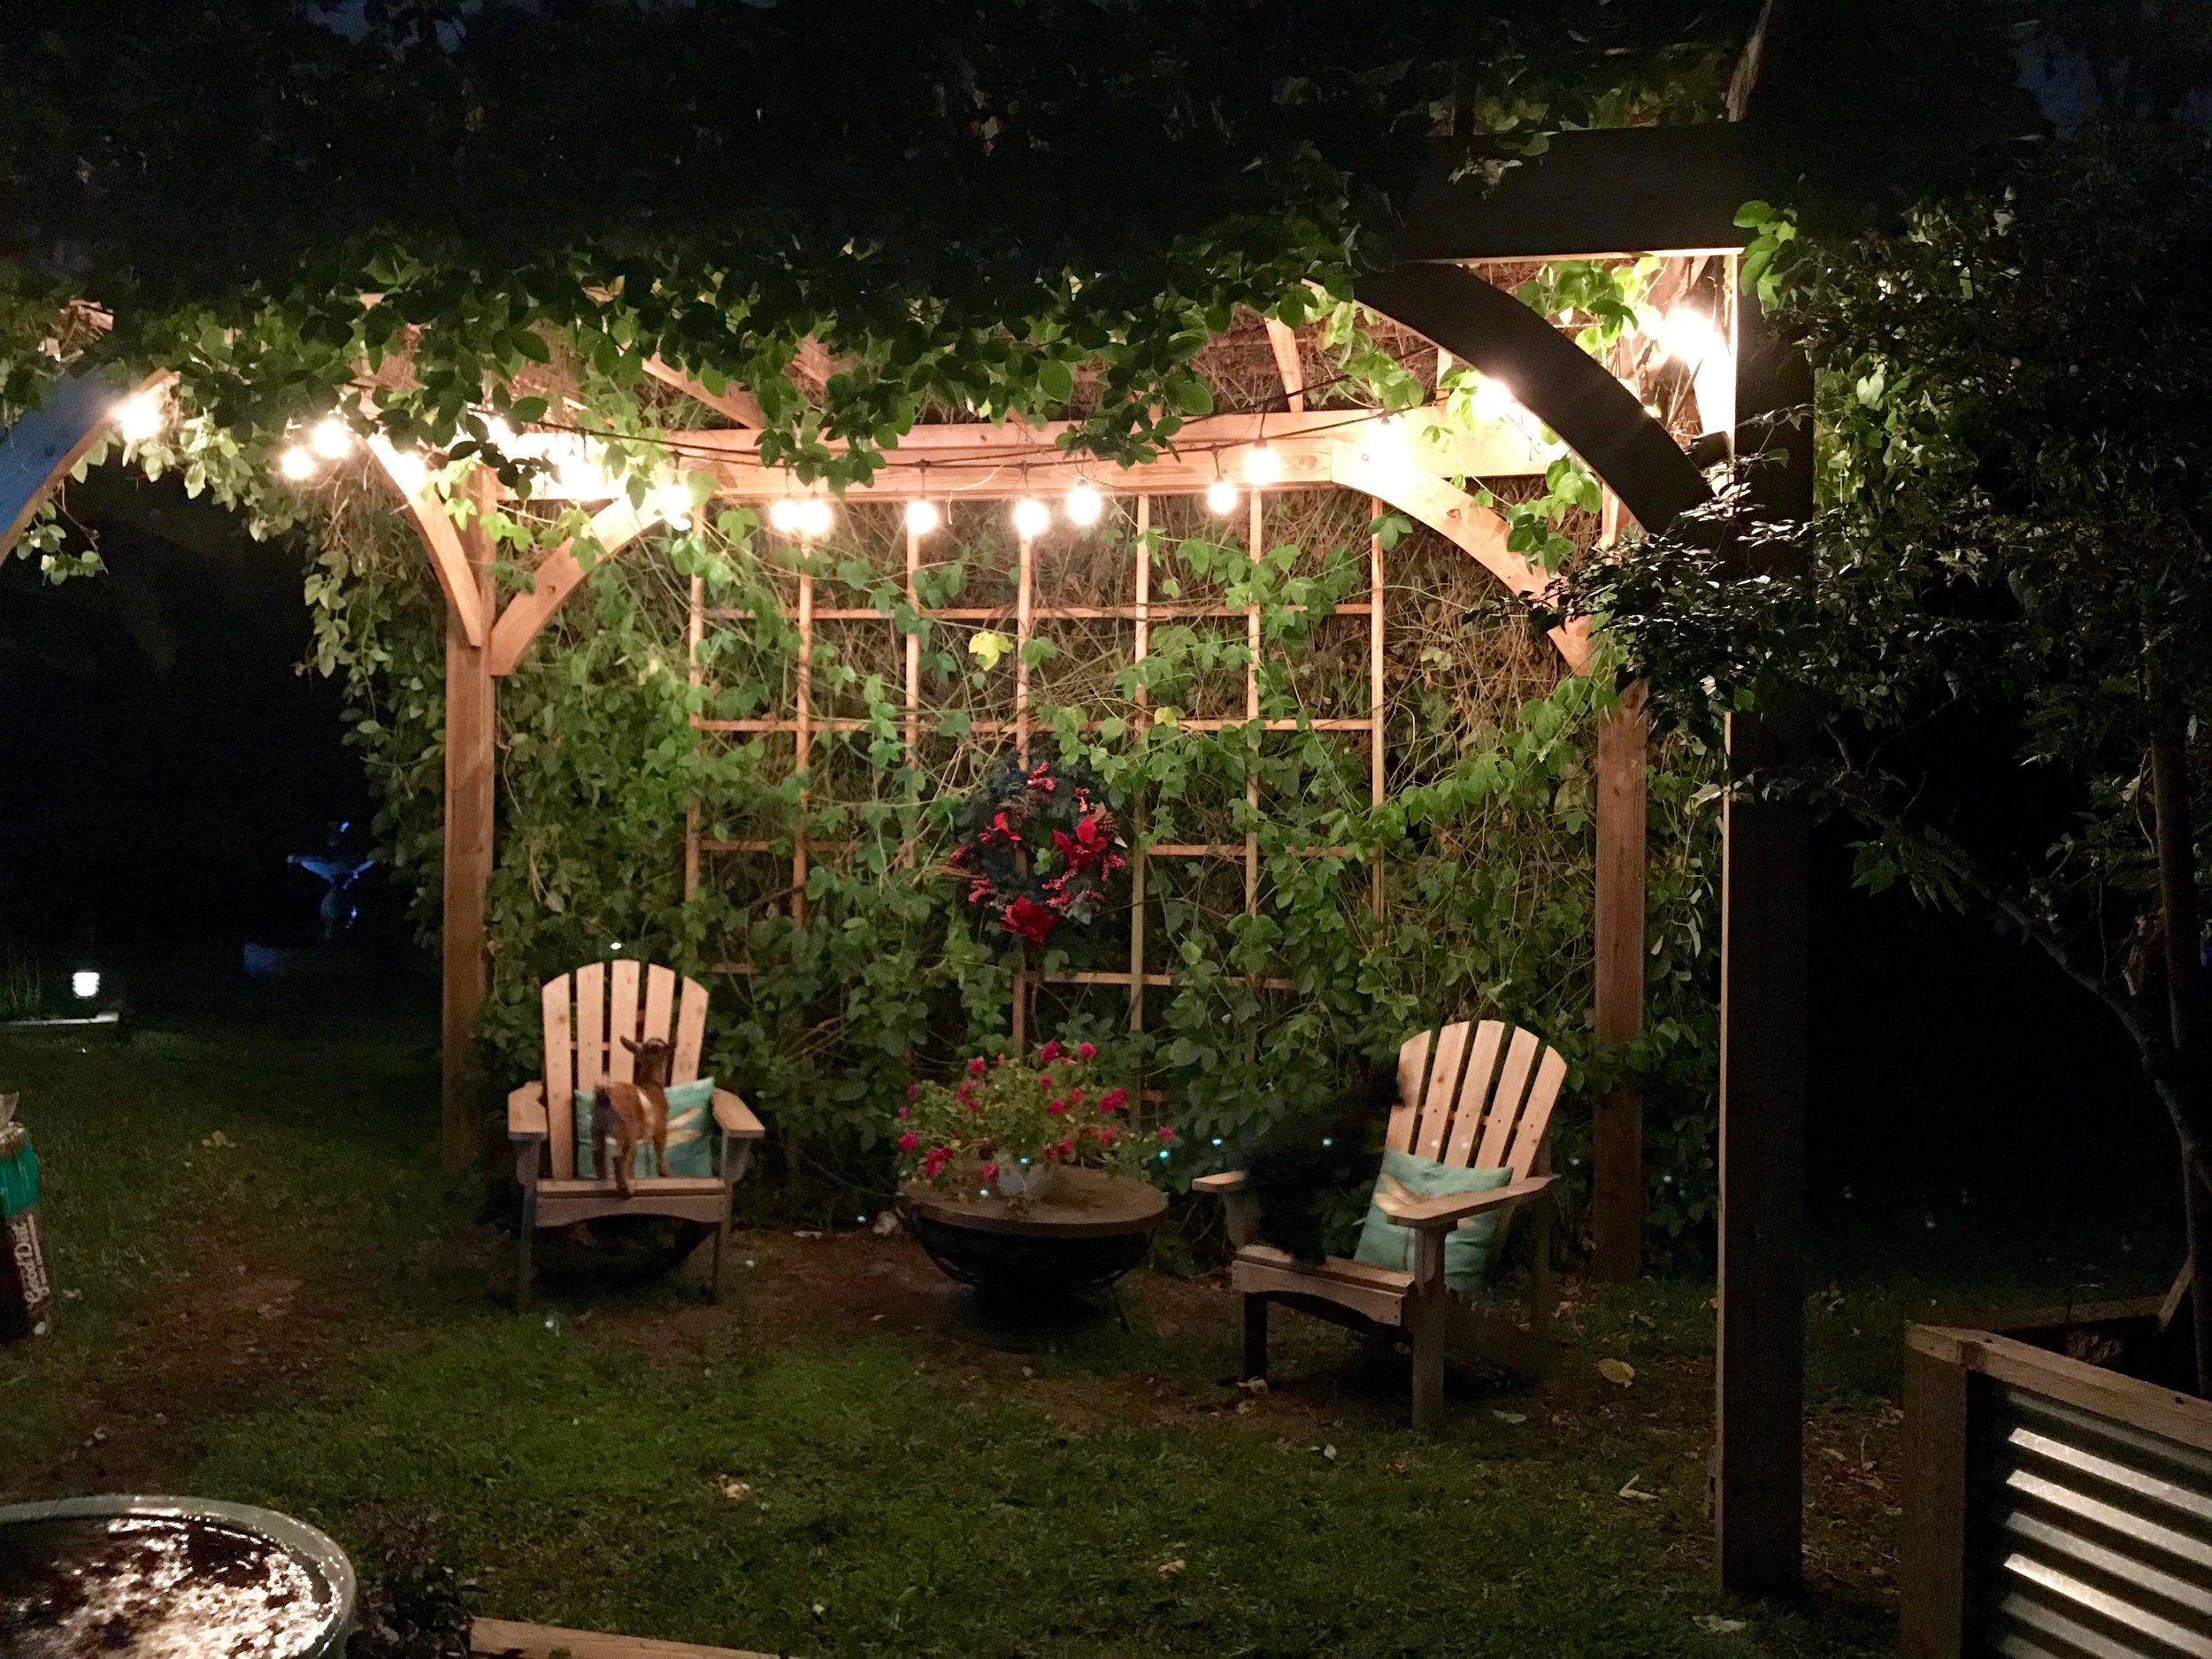 garden at night.JPG